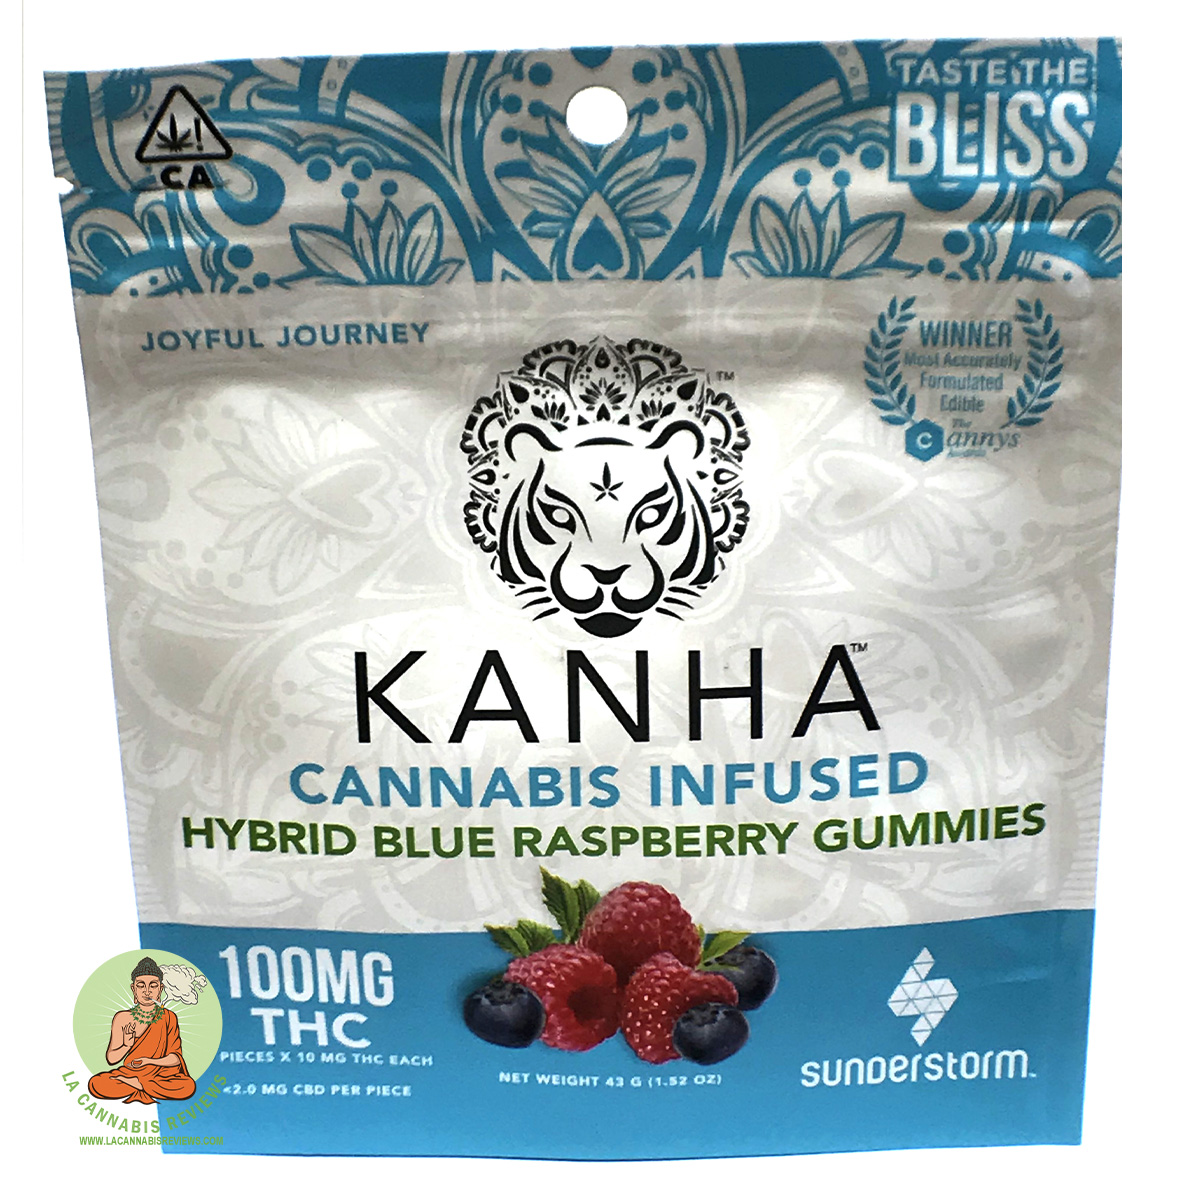 California Cannabis Melrose: Blue Raspberry Gummies (Hybrid) - Kanha